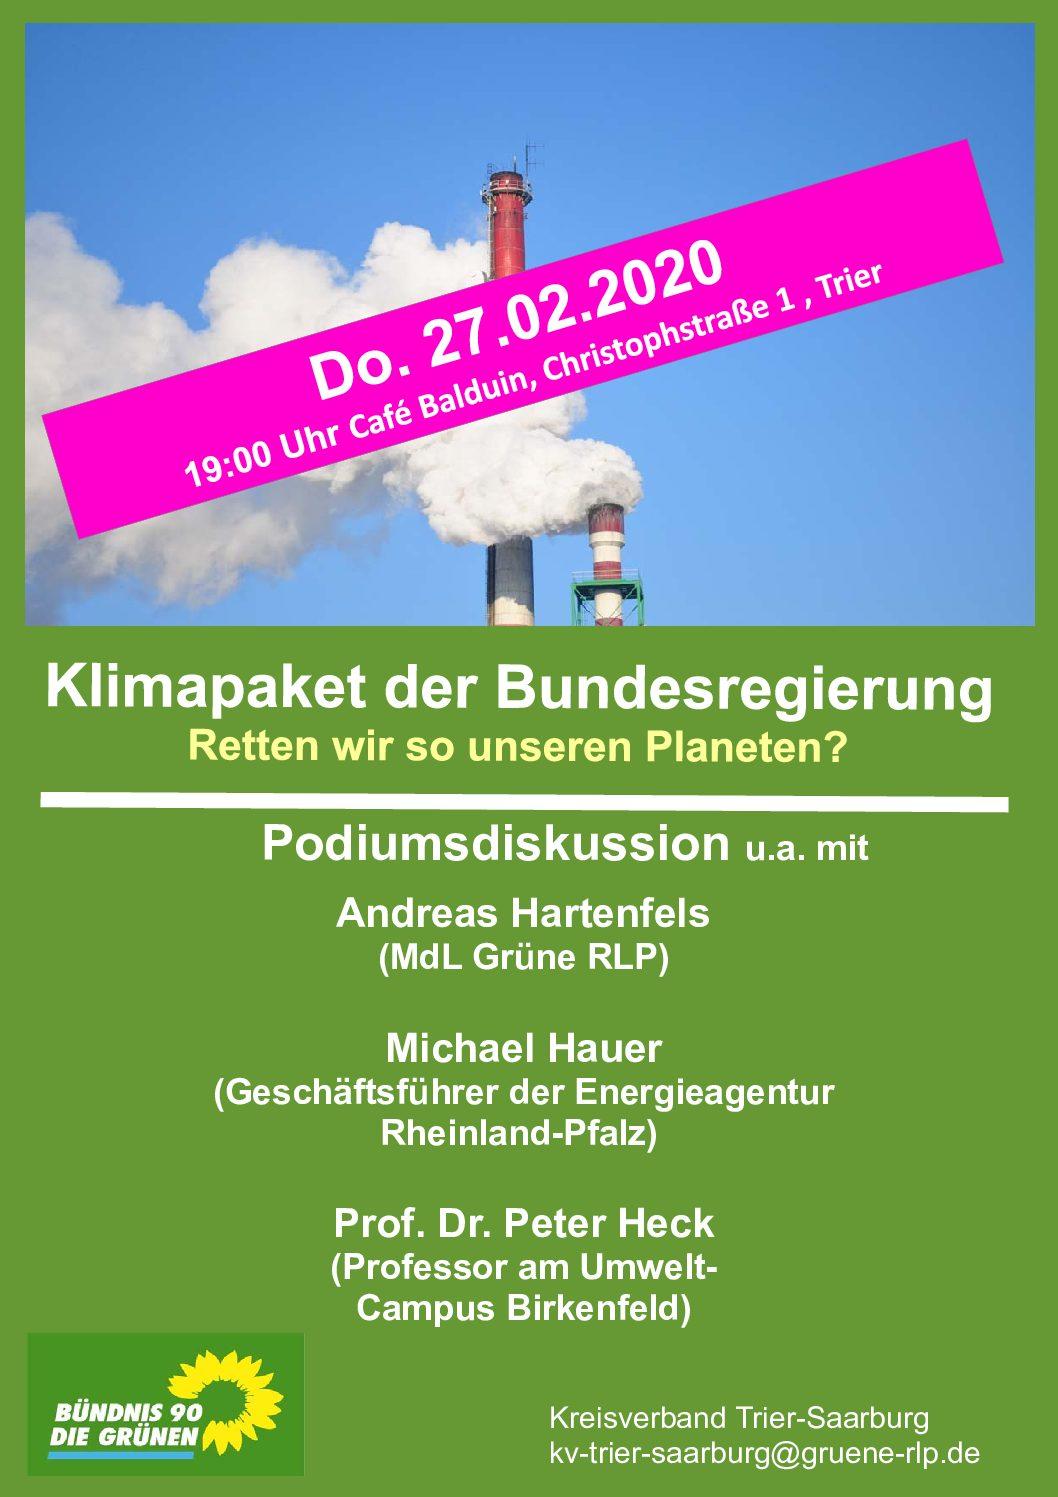 Podiumsdiskussion – Klimapaket der Bundesregierung